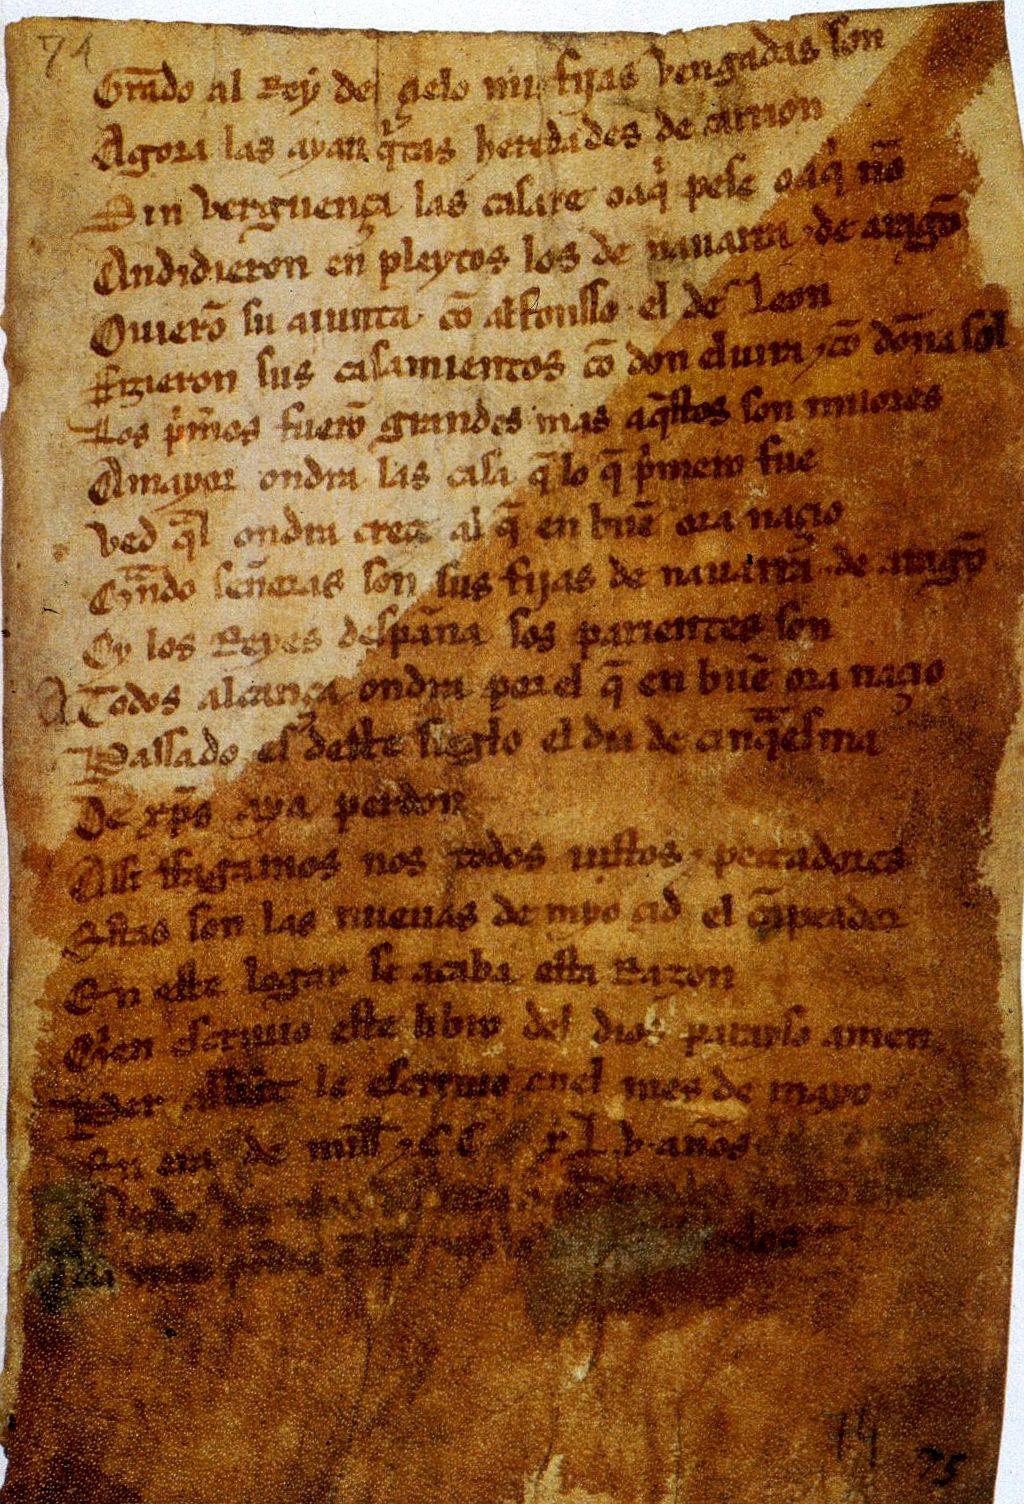 Cocinas Mio Cid | Es Una De La Hojas Del Libro El Cantar De Mio Cid Un Libro Del